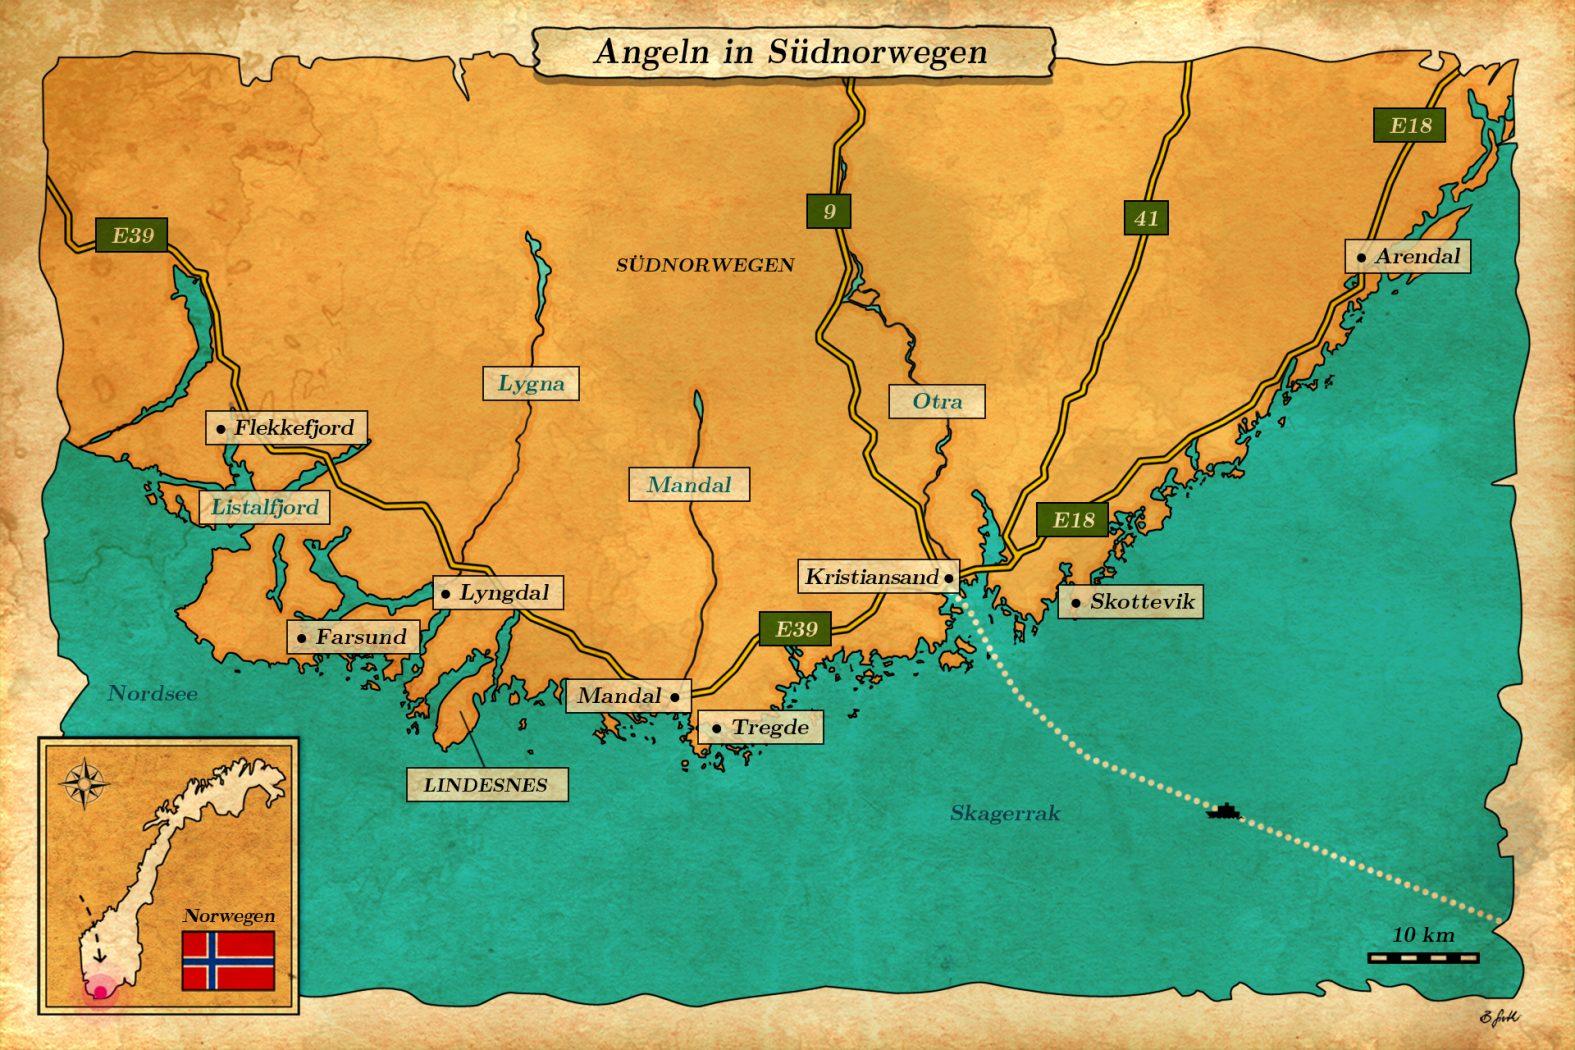 Angelurlaub in Südnorwegen bei Kristiansand